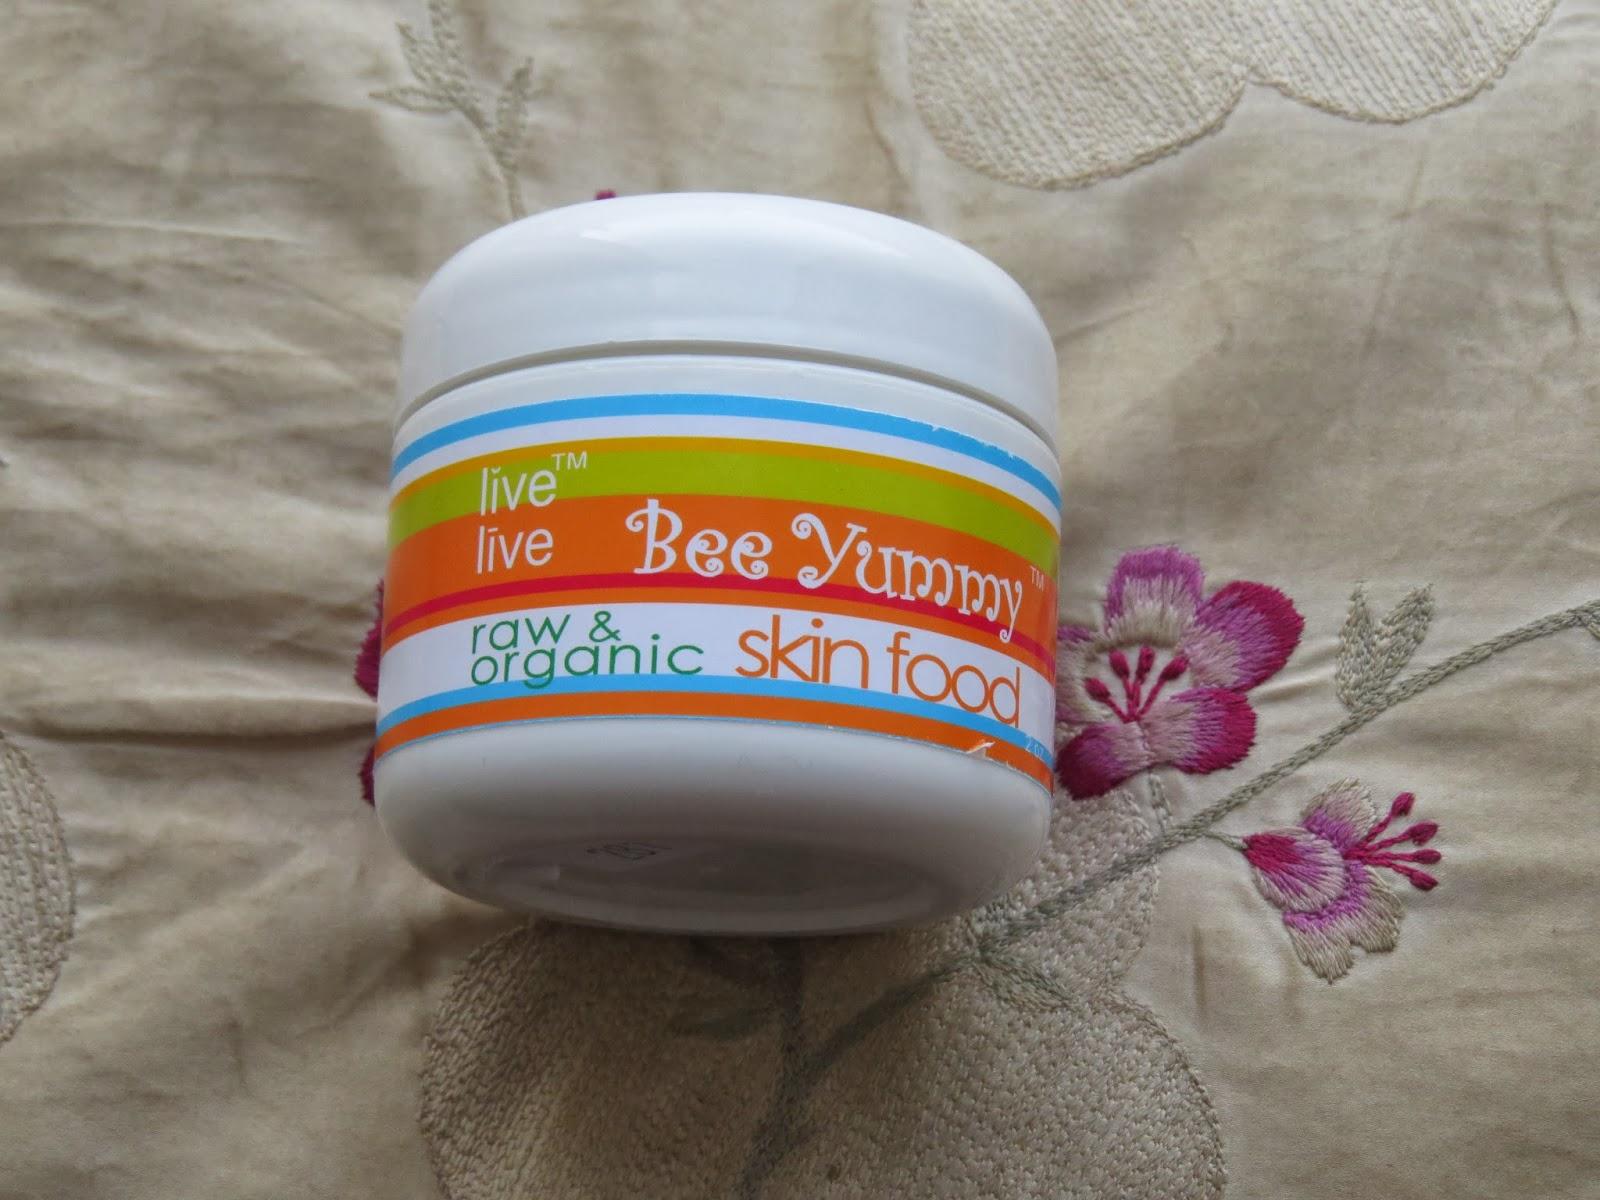 Bee yummy skin food